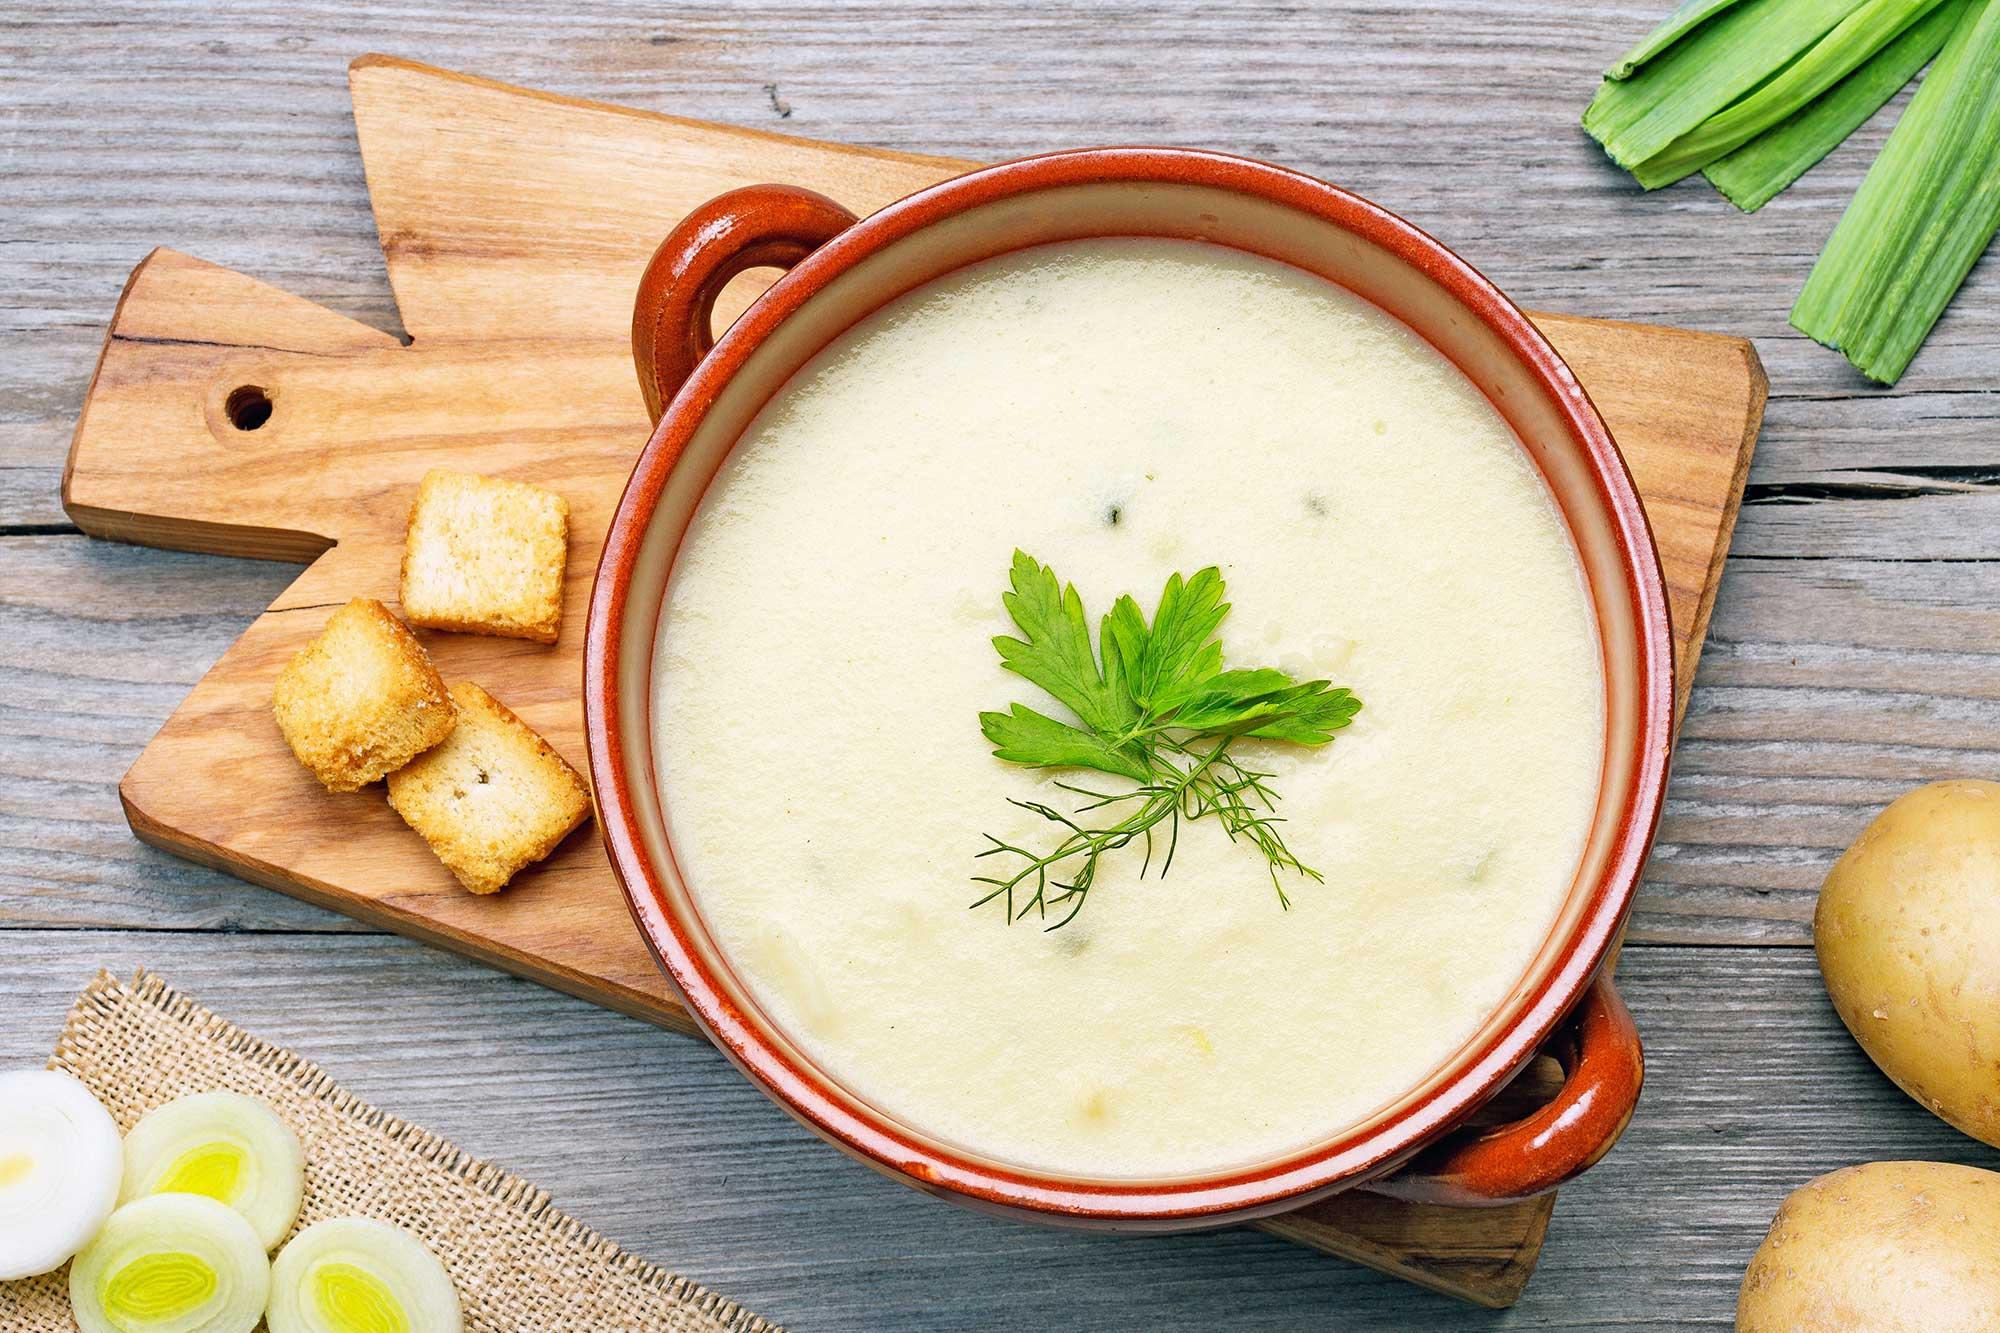 soppa till lunch